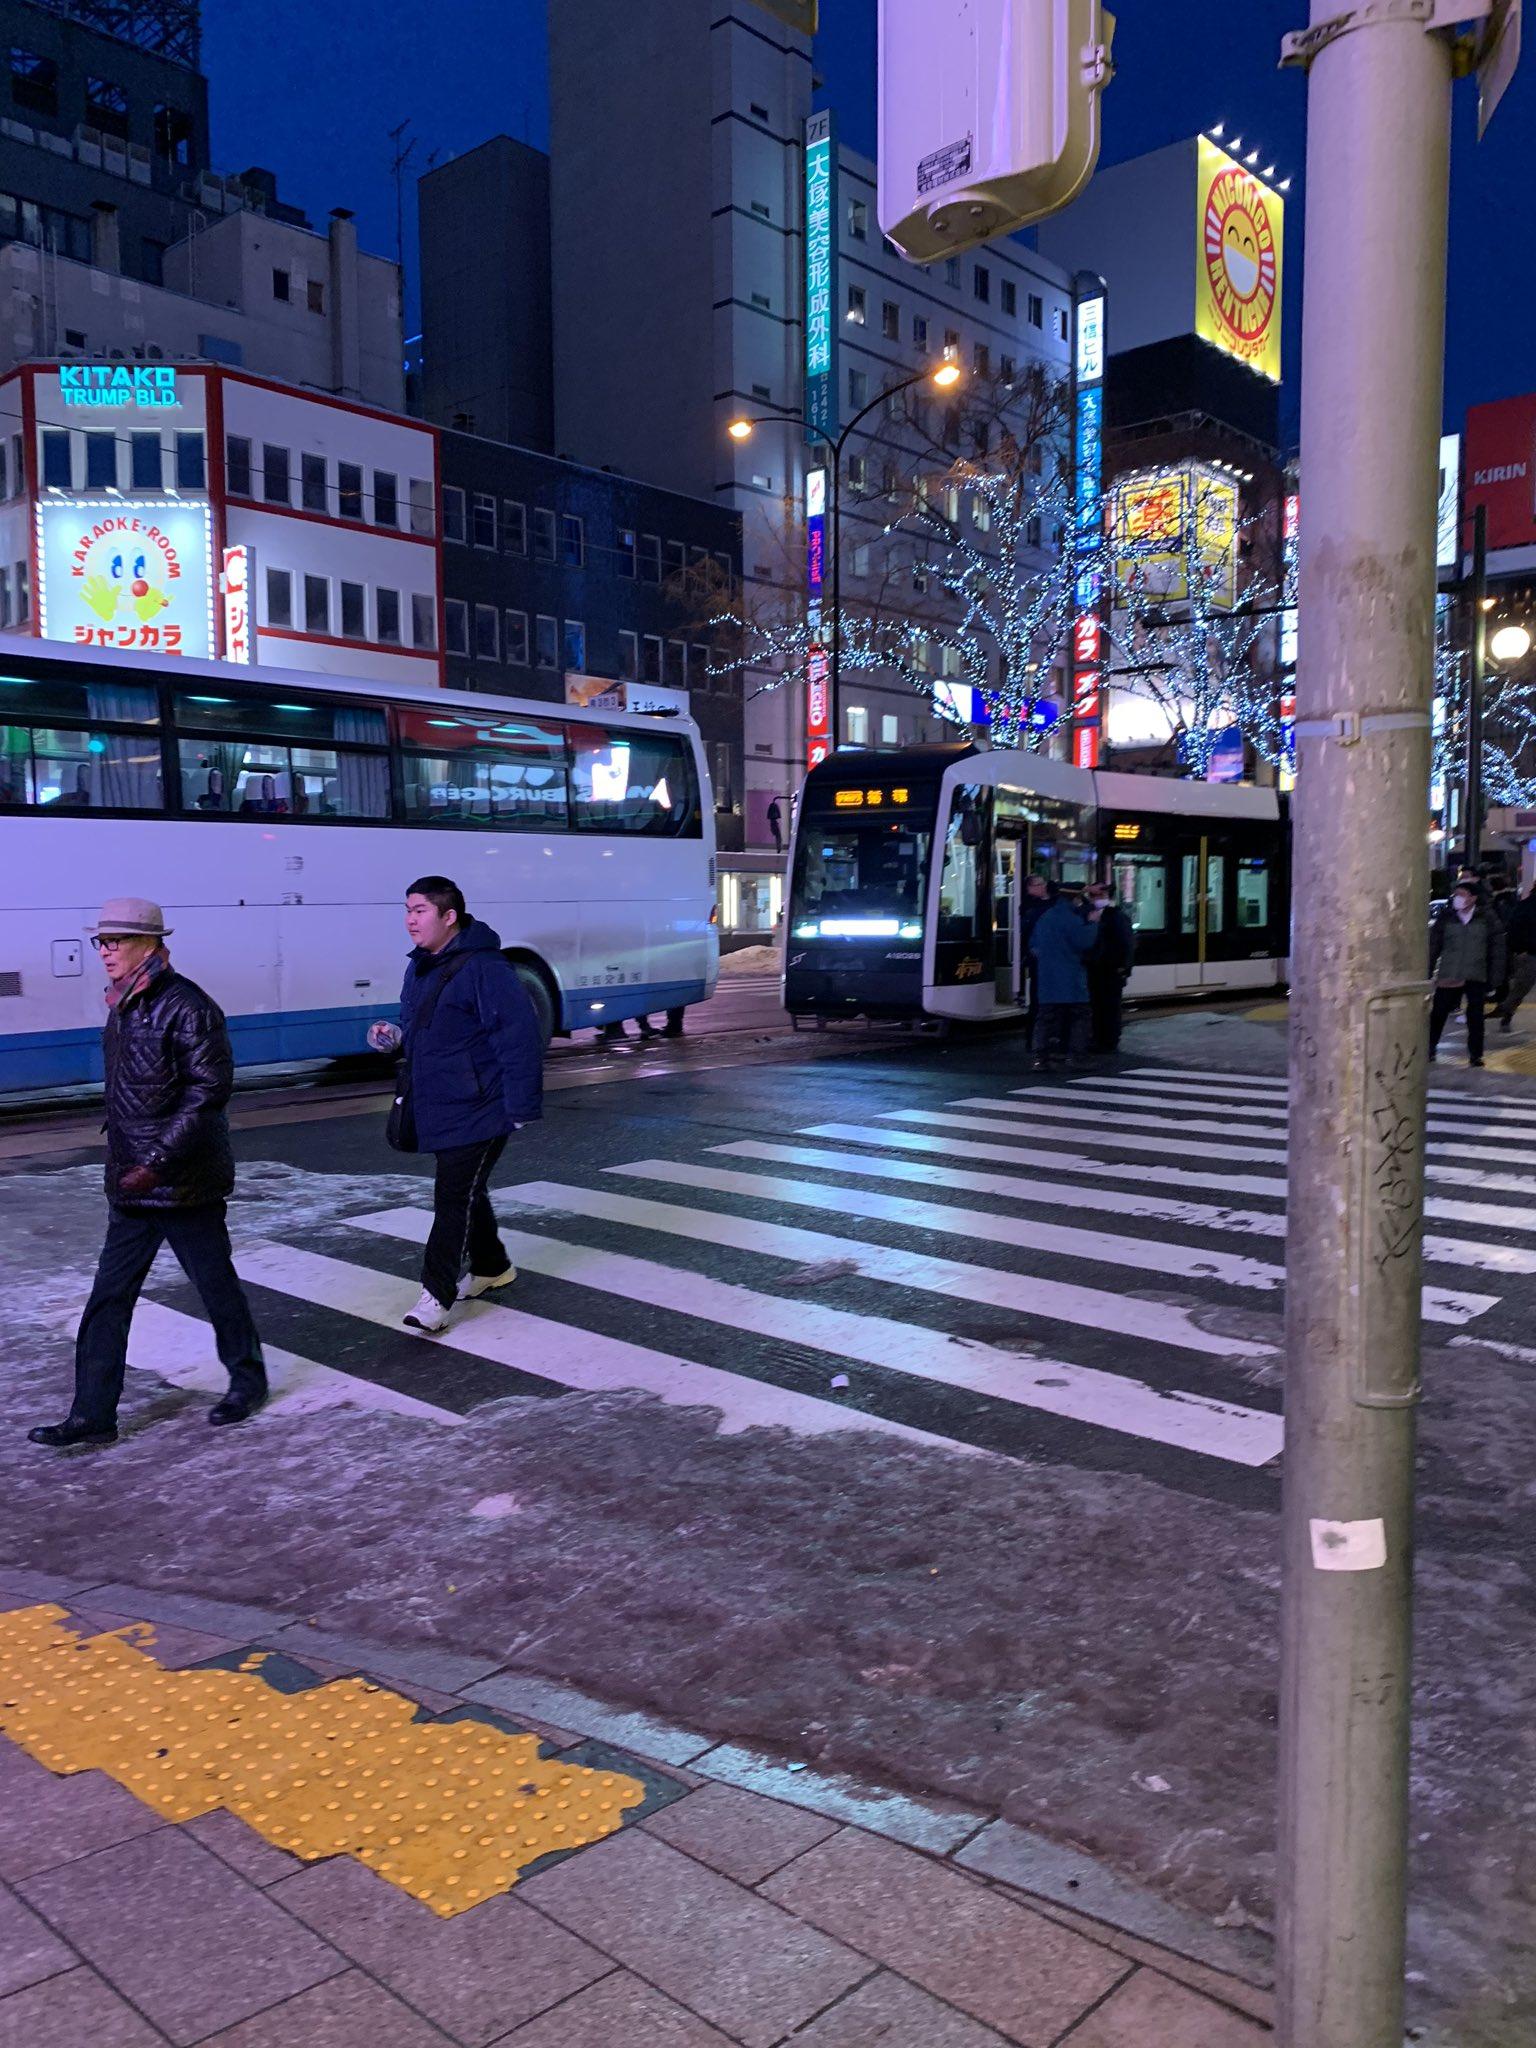 札幌市中央区のすすきのメガドンキ前で衝突事故が起きた現場画像